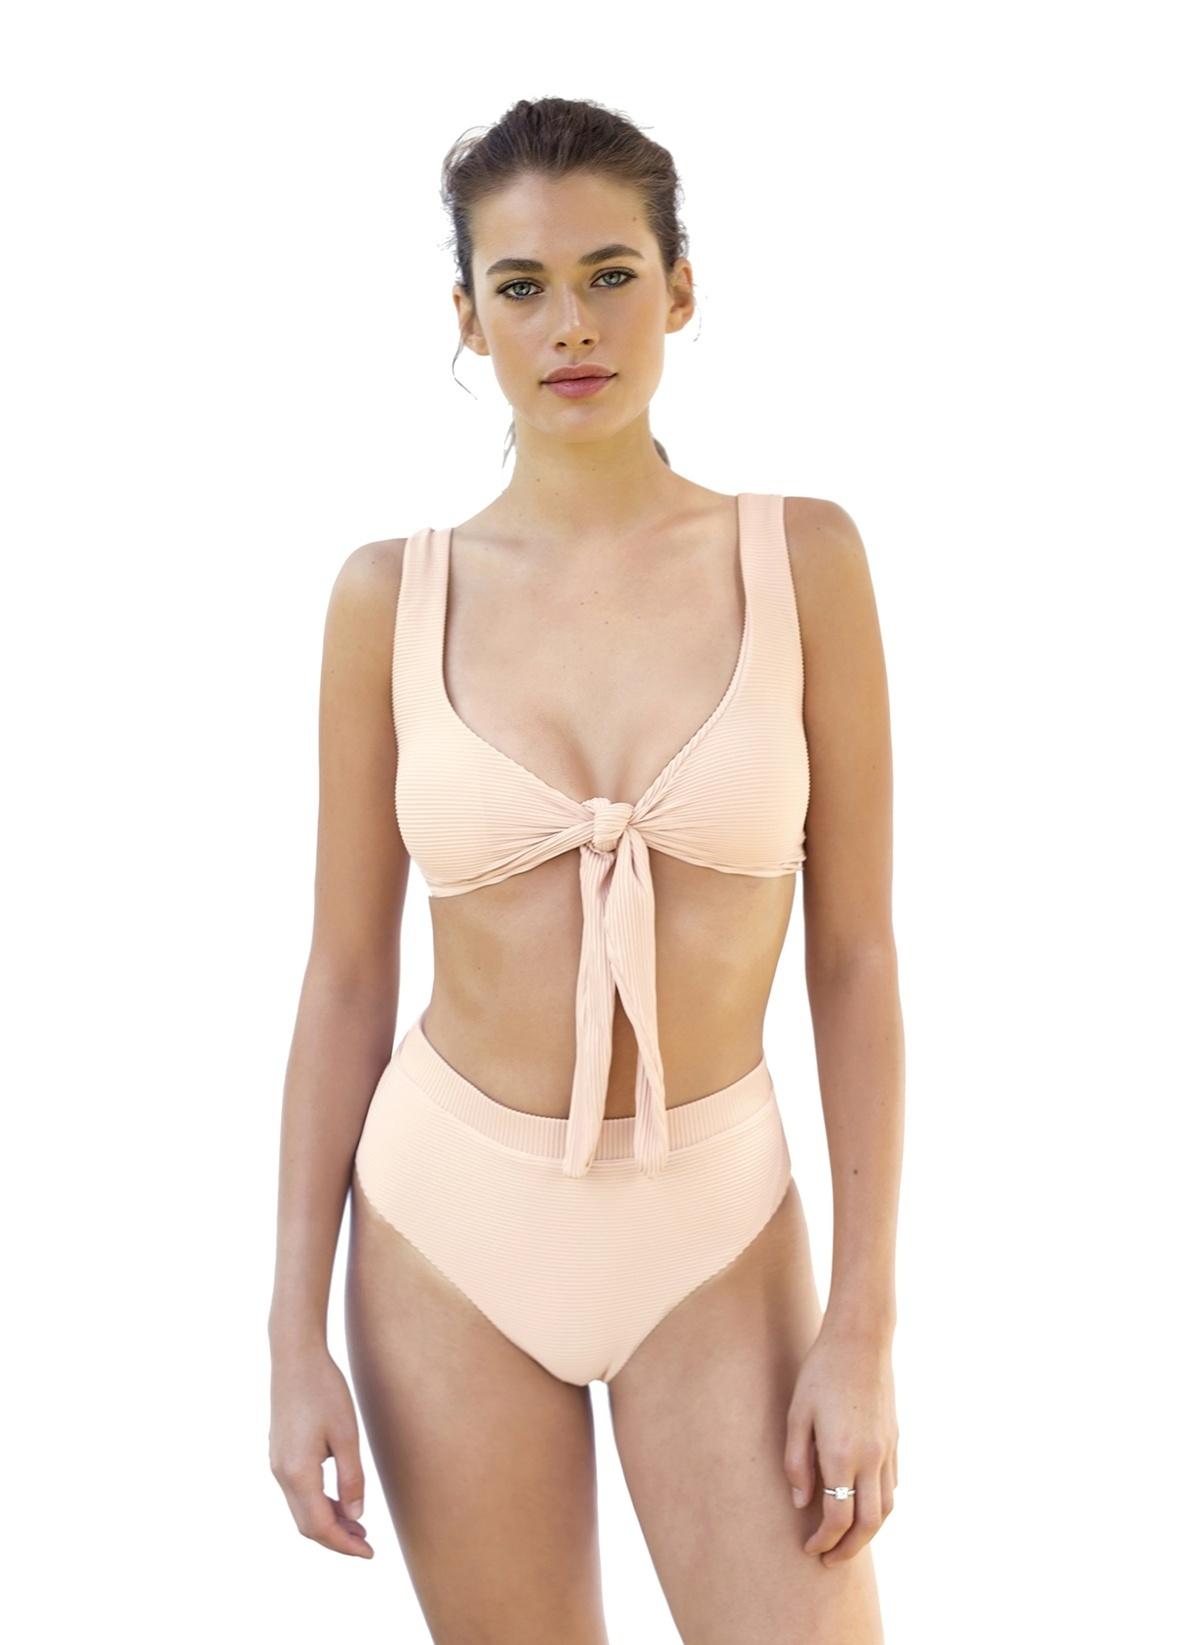 Movom Bikini Mvmbwtf02 Dıane Tıe-front Bıkını – 640.0 TL